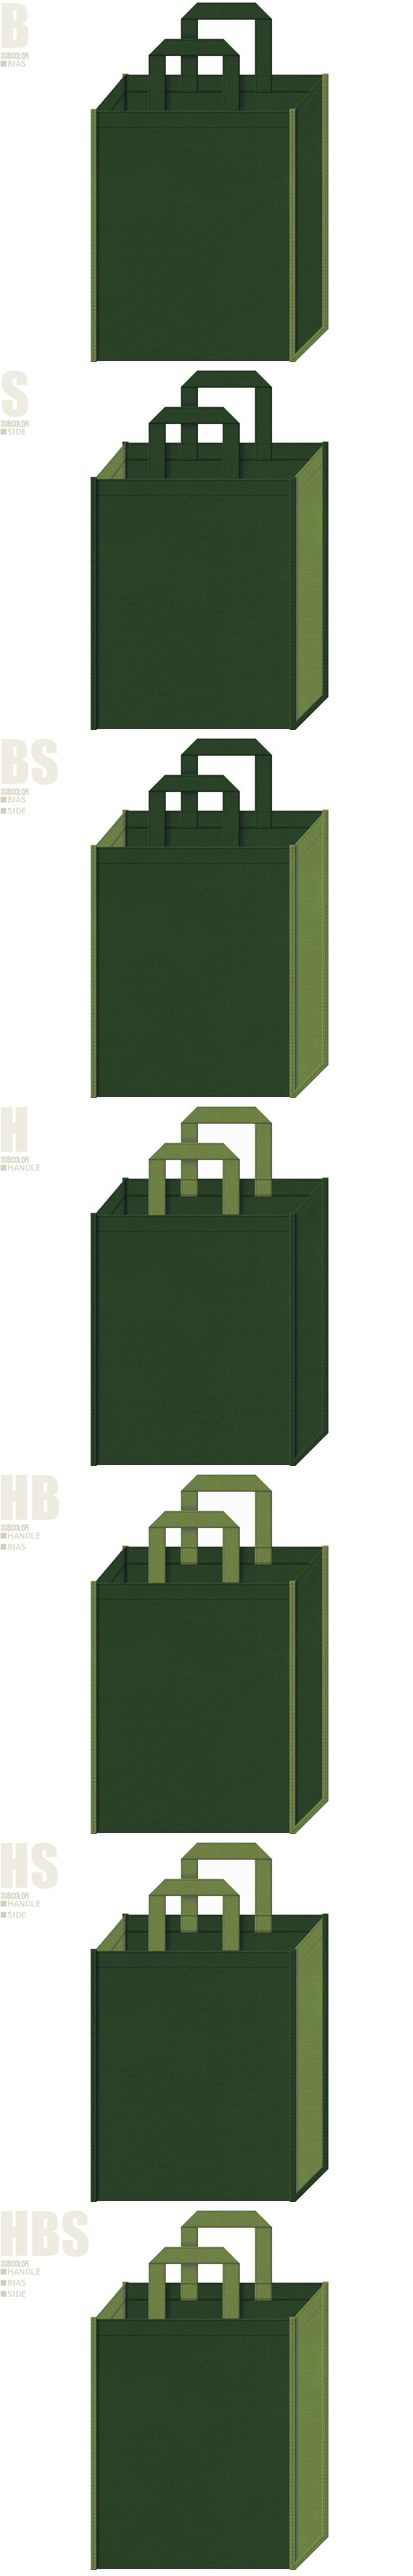 盆栽・園芸・造園用品・昆布・青汁・お茶の展示会用バッグにお奨めです。濃緑色と草色の不織布バッグ配色7パターン。